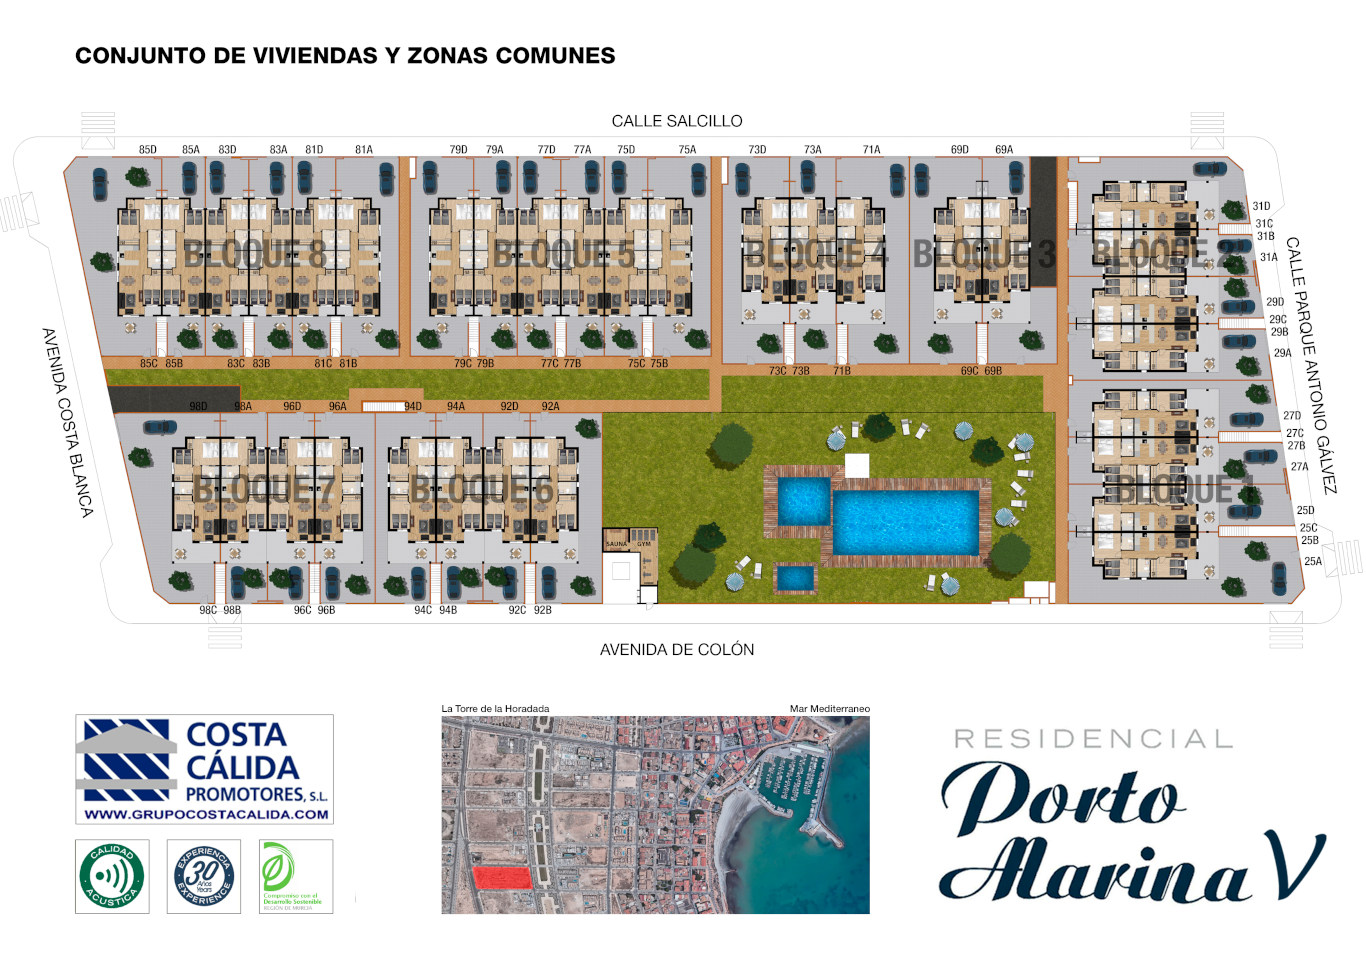 Costa Cálida Promotores - Porto Marina V porto marina 5,viviendas,torre de la horadada,alicante